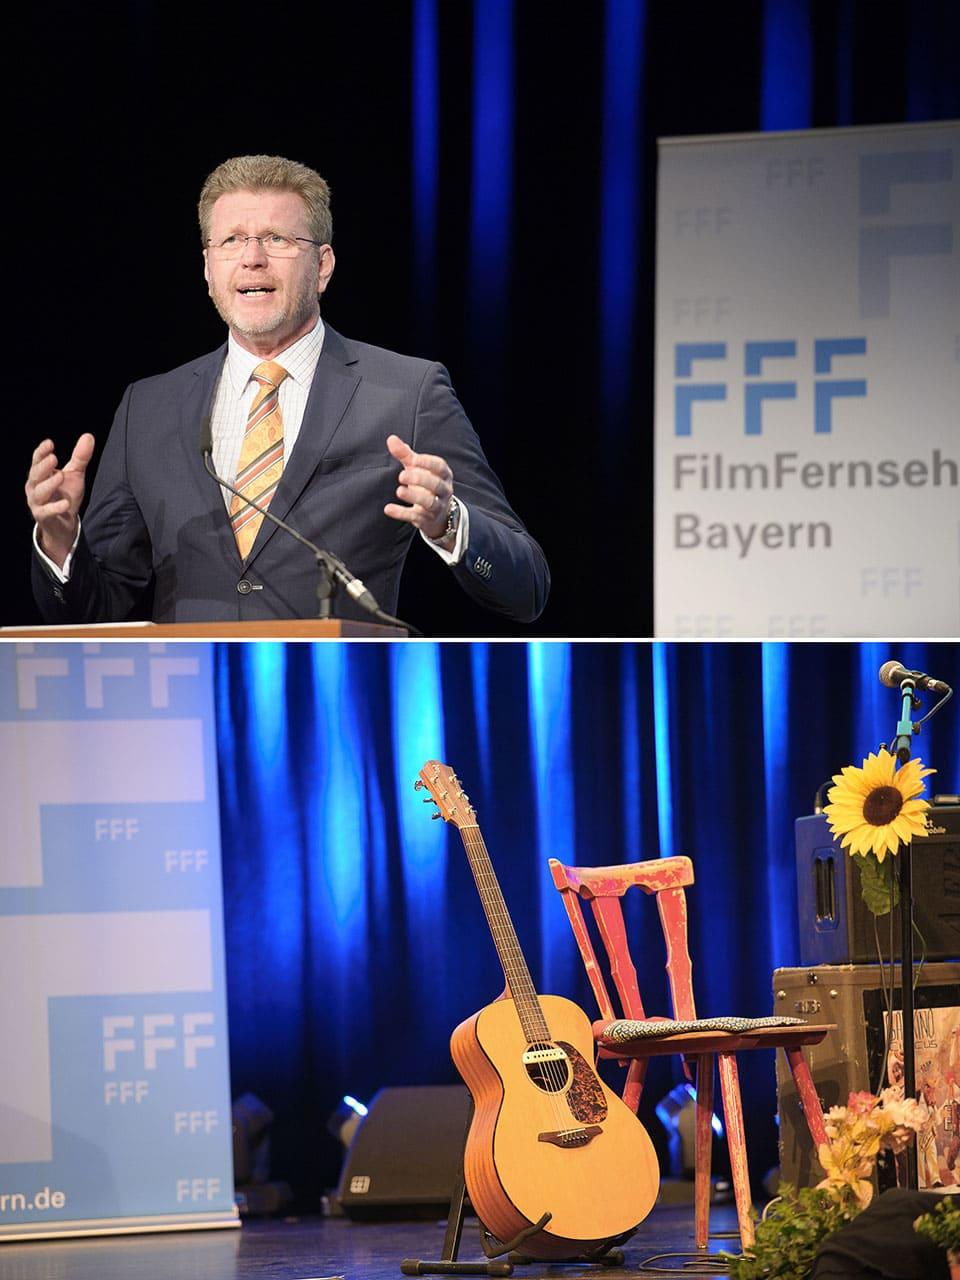 Fotograf Fürth, Eventfotografie für FilmFernsehFond Bayern